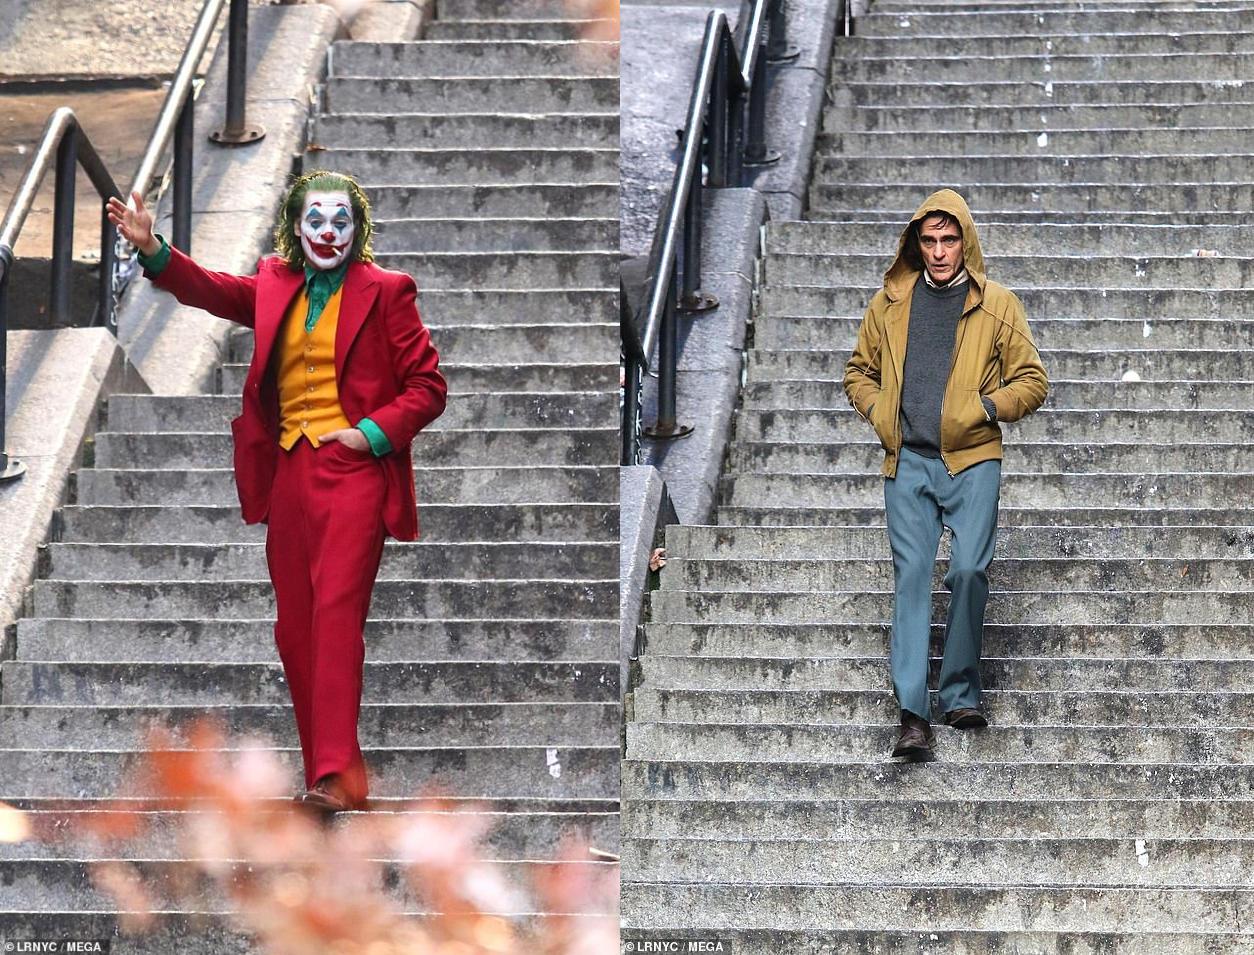 DC电影《小丑》杀青曝新片场照 红衣绿发站在街头亮眼